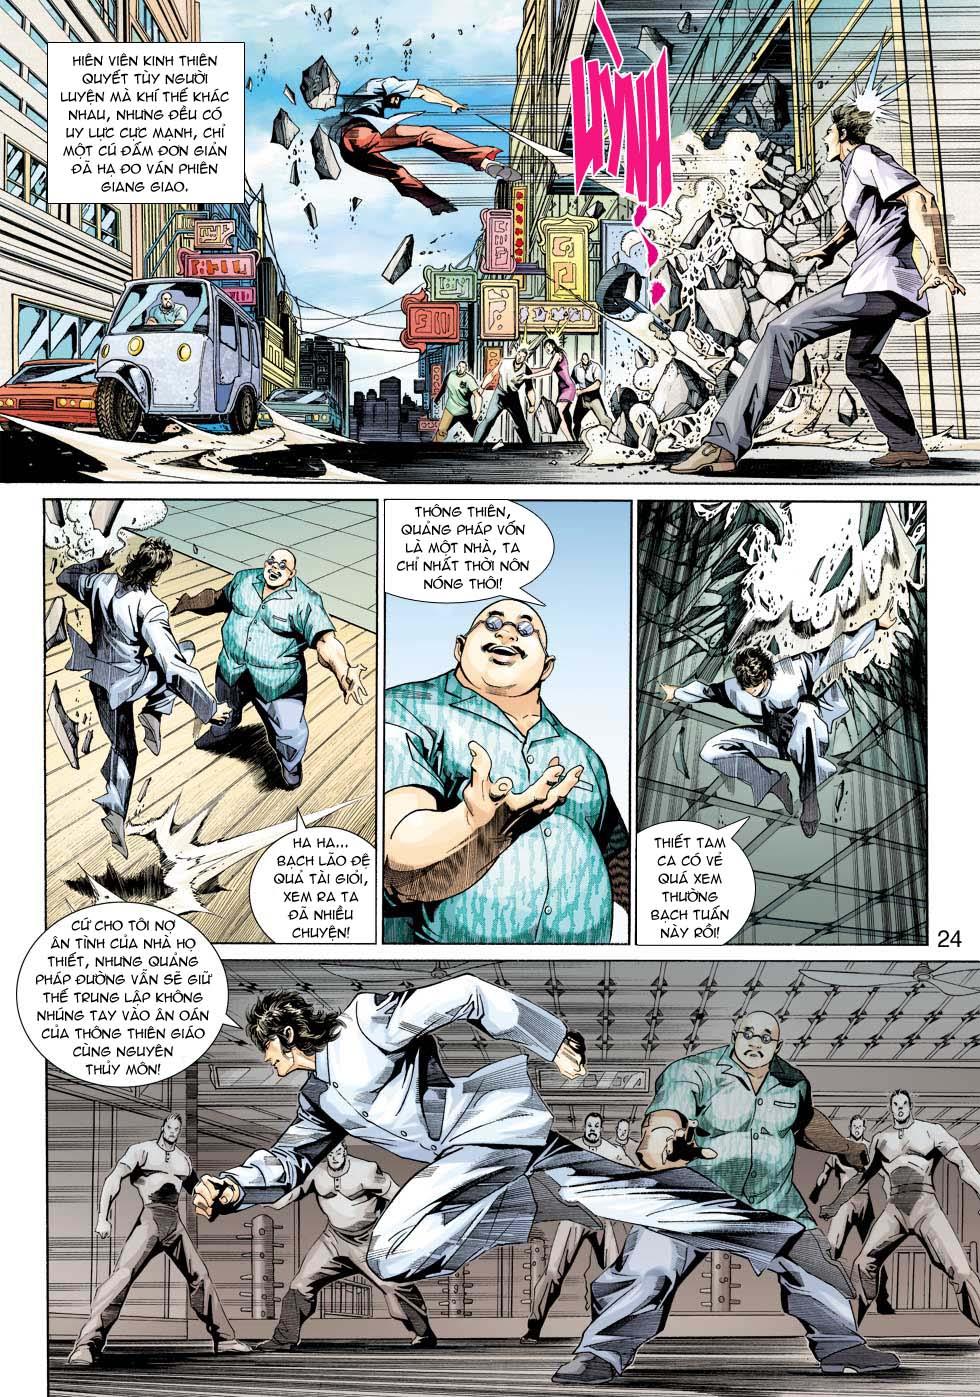 Tân Tác Long Hổ Môn chap 343 - Trang 24